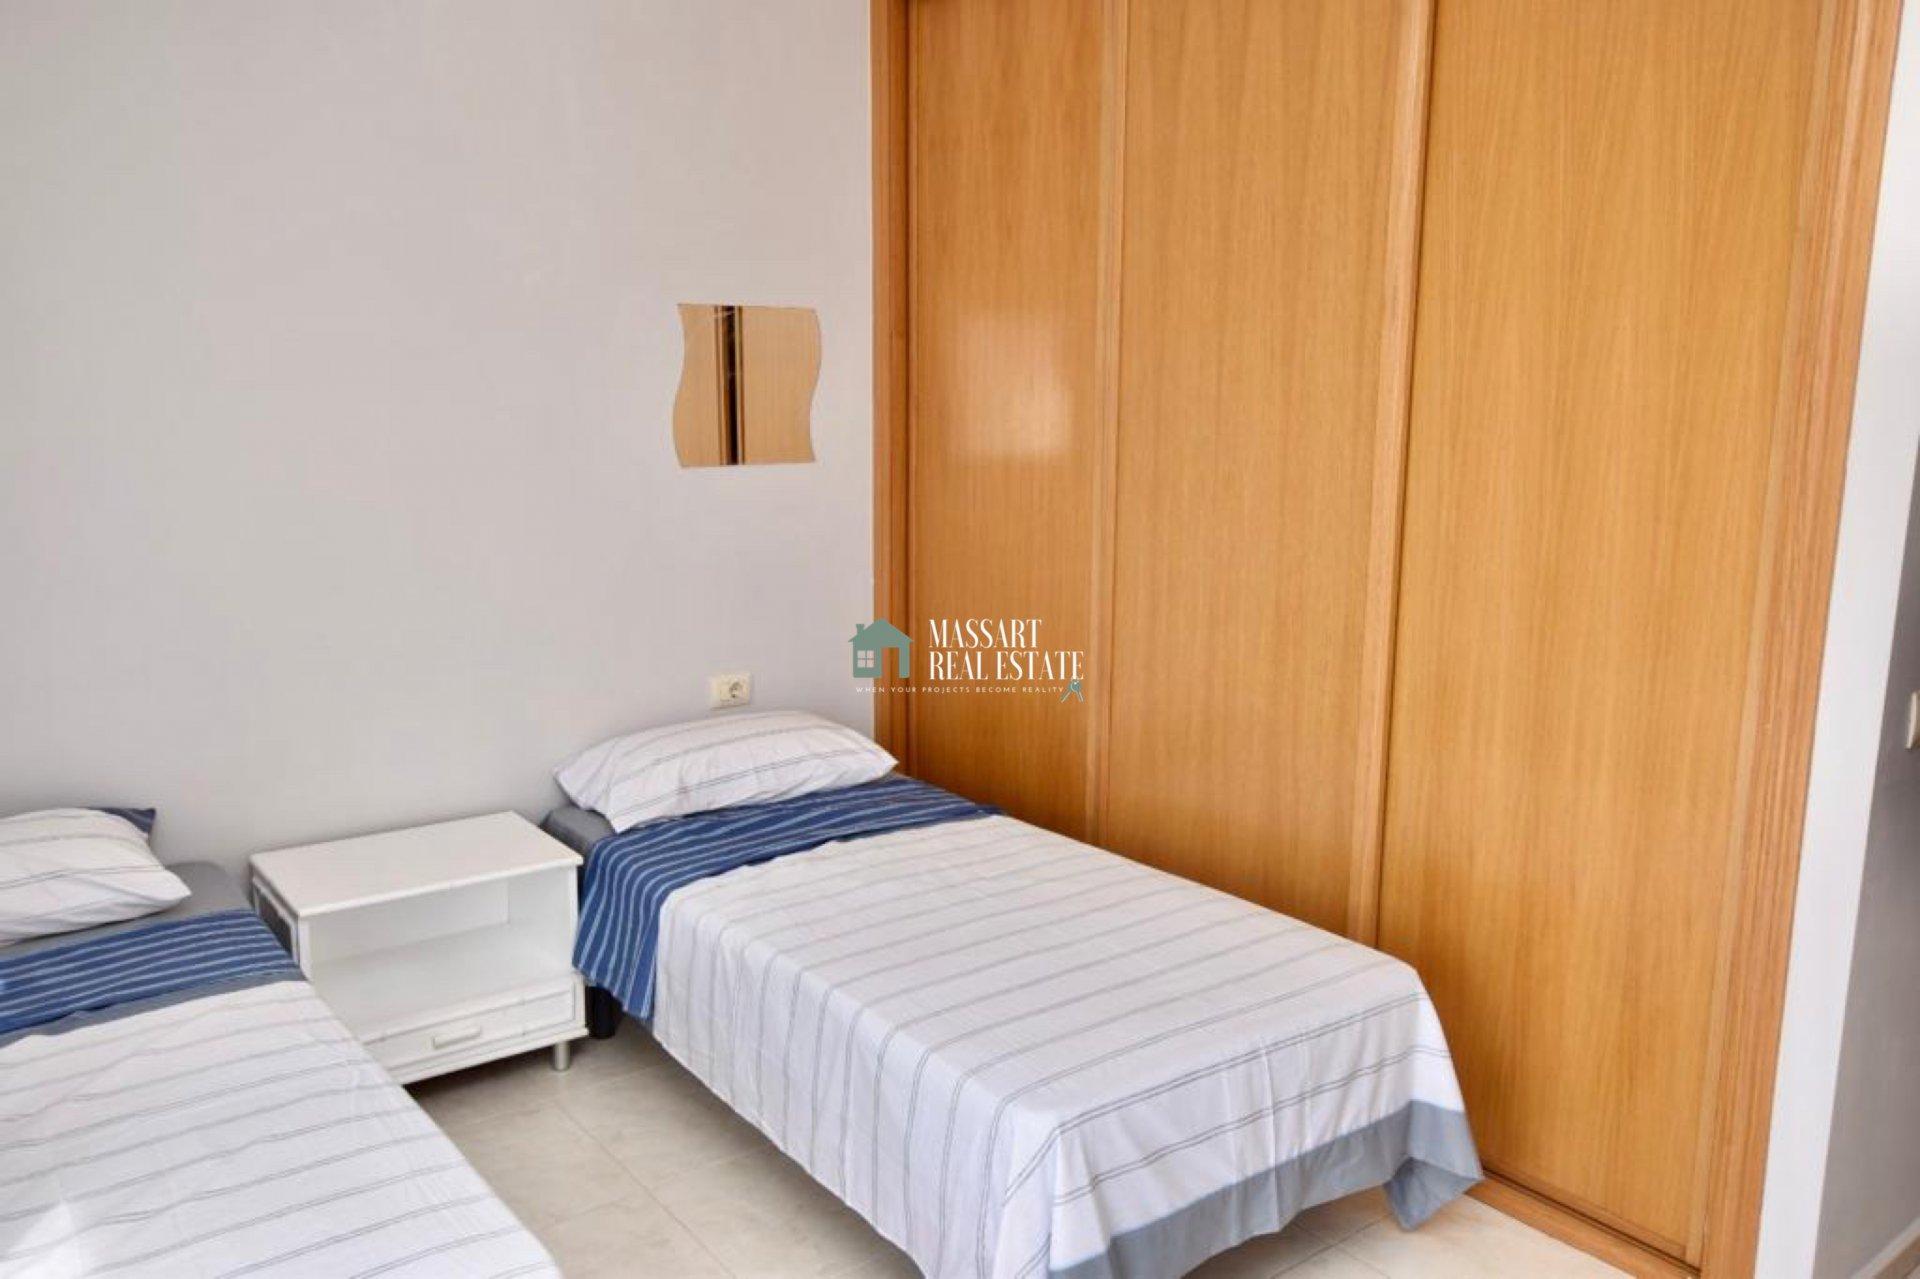 Appartamento arredato caratterizzato dalla sua posizione strategica oltre che dall'offerta di un enorme terrazzo con vista verso il viale principale di San Isidro.